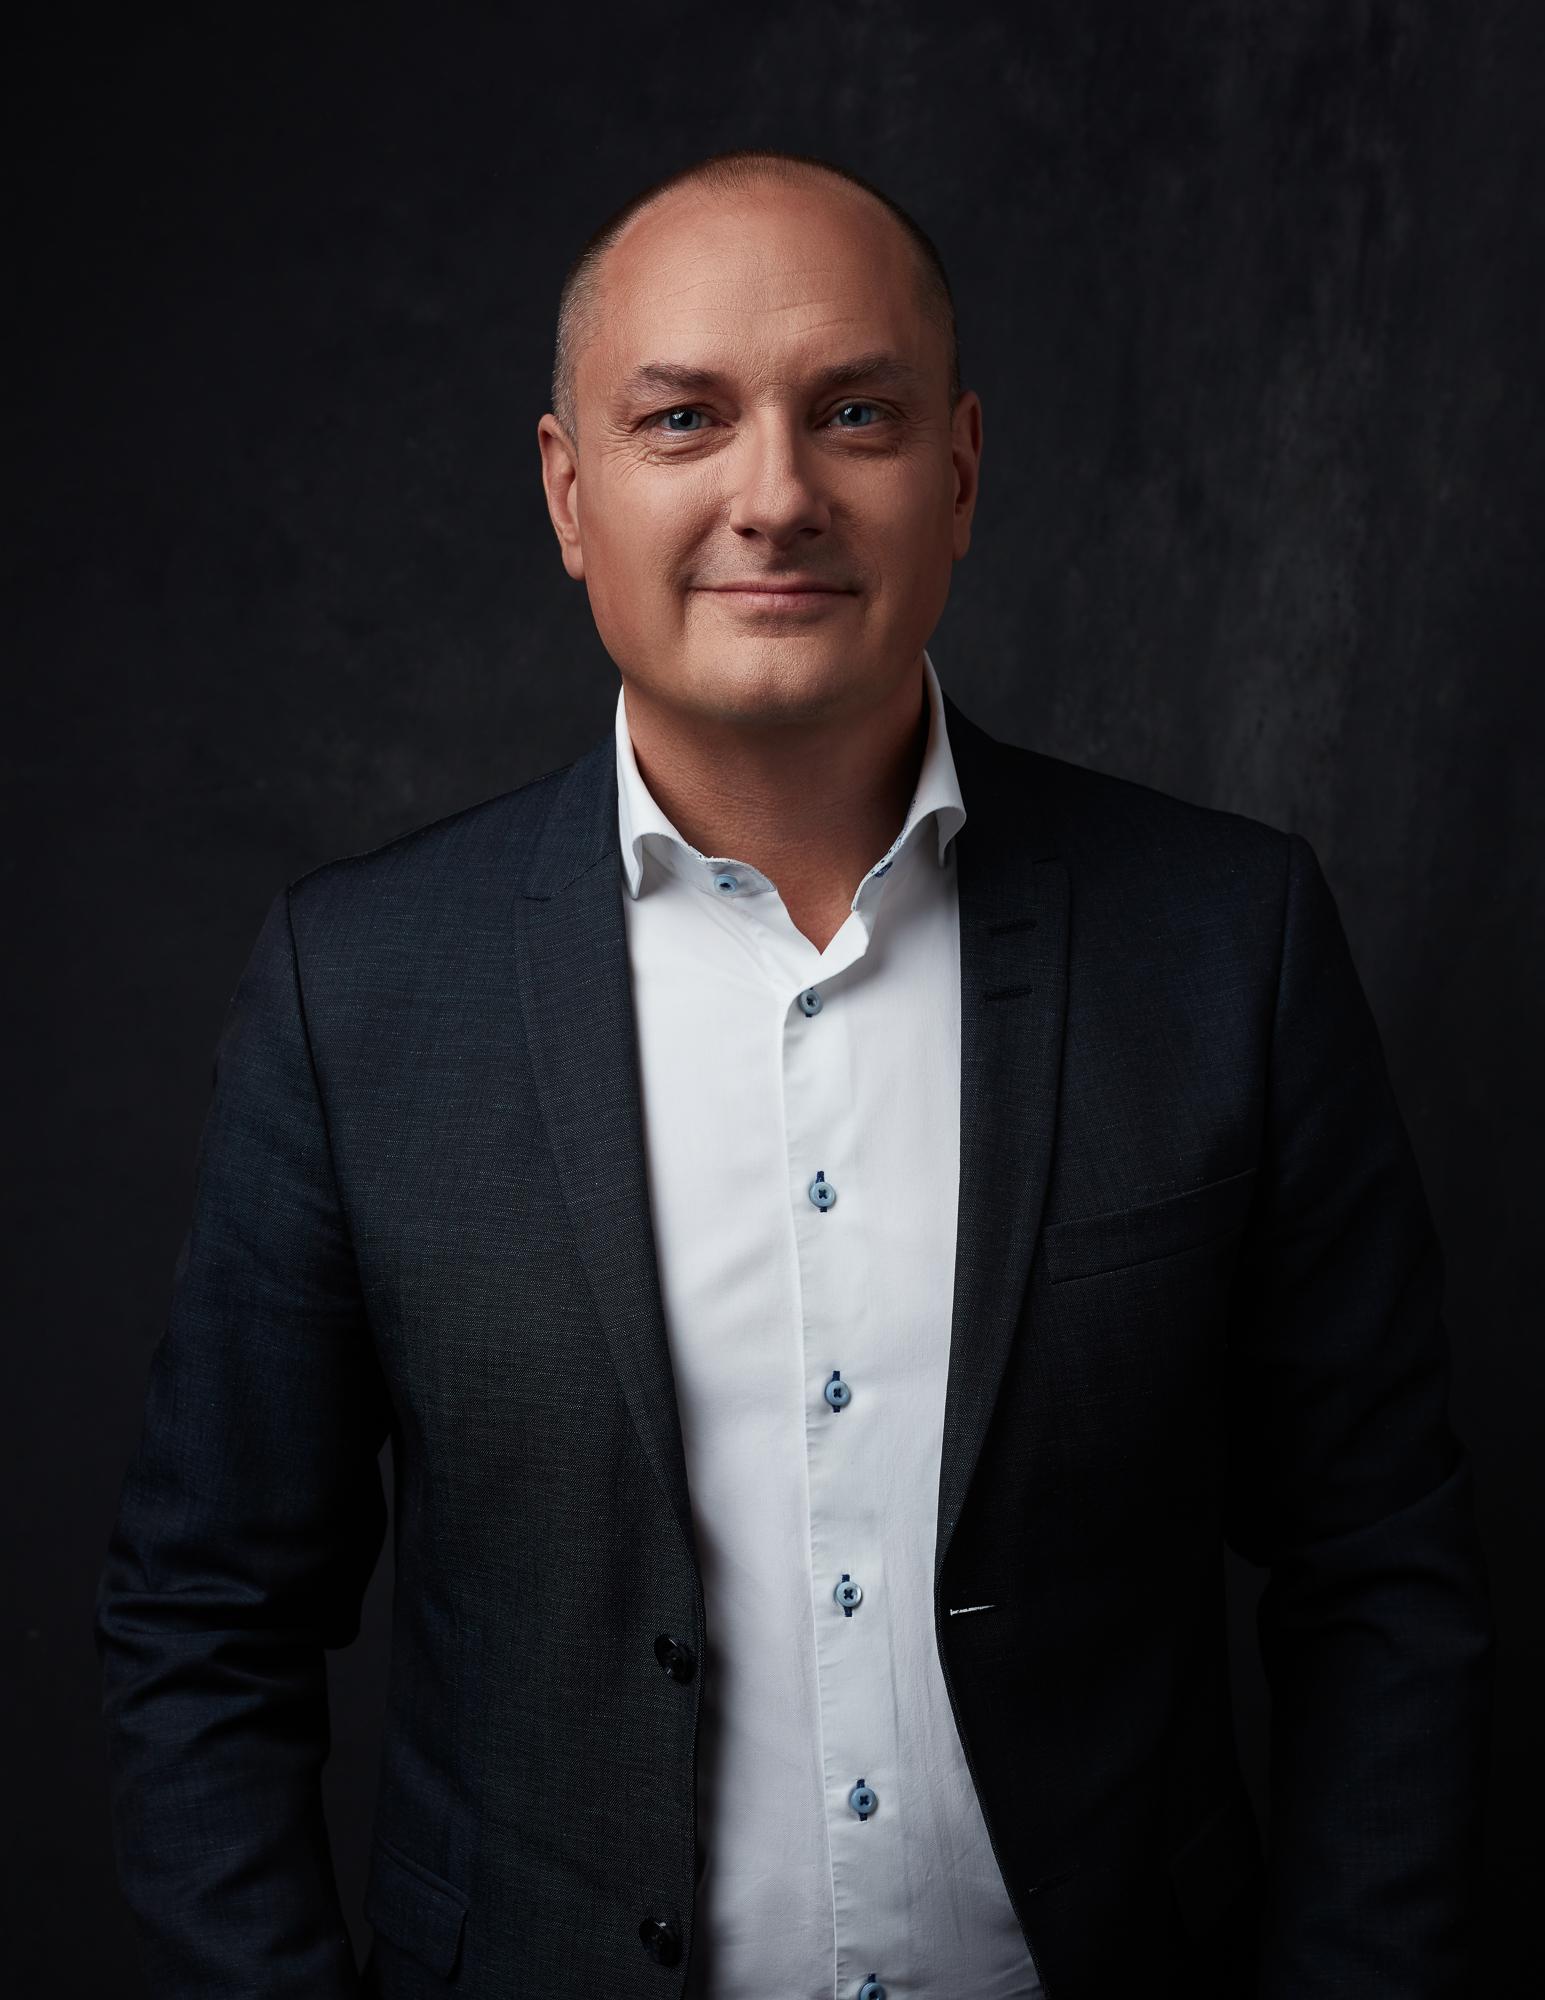 Jonas Wärn